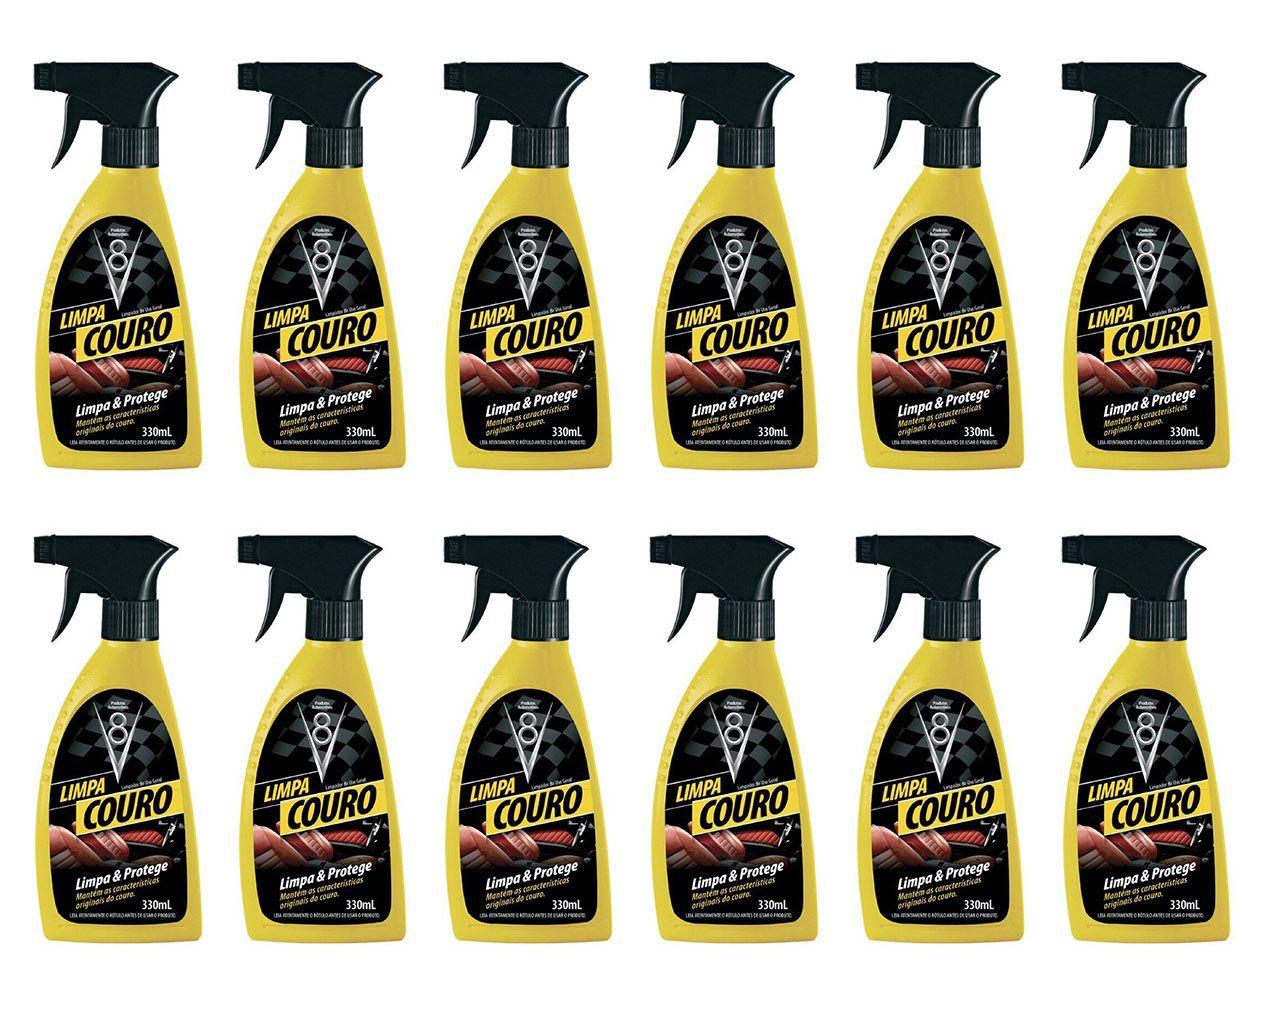 Combo 12 Limpa Couro Gatilho Spray - Potente Limpador Bancos em Couro, Estofados De Couro Spray Sanol V8 330ml